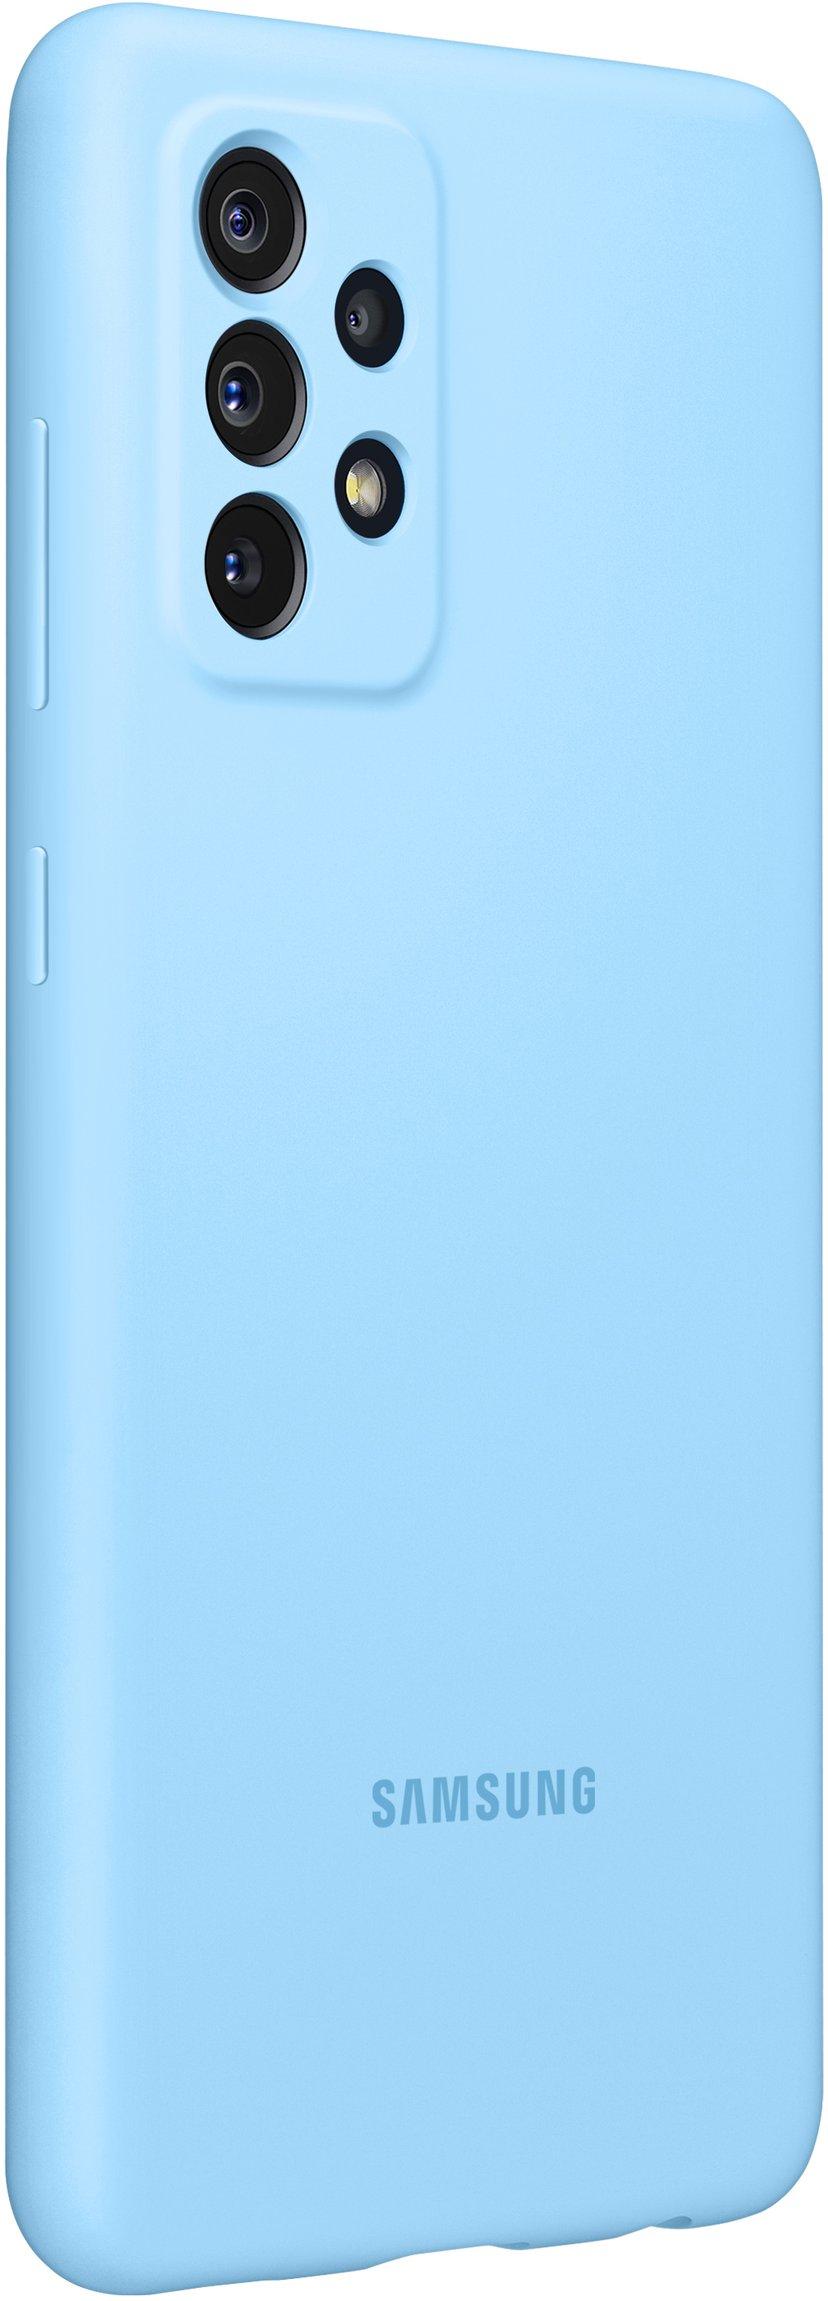 Samsung Silicone Cover Samsung Galaxy A72 Blå